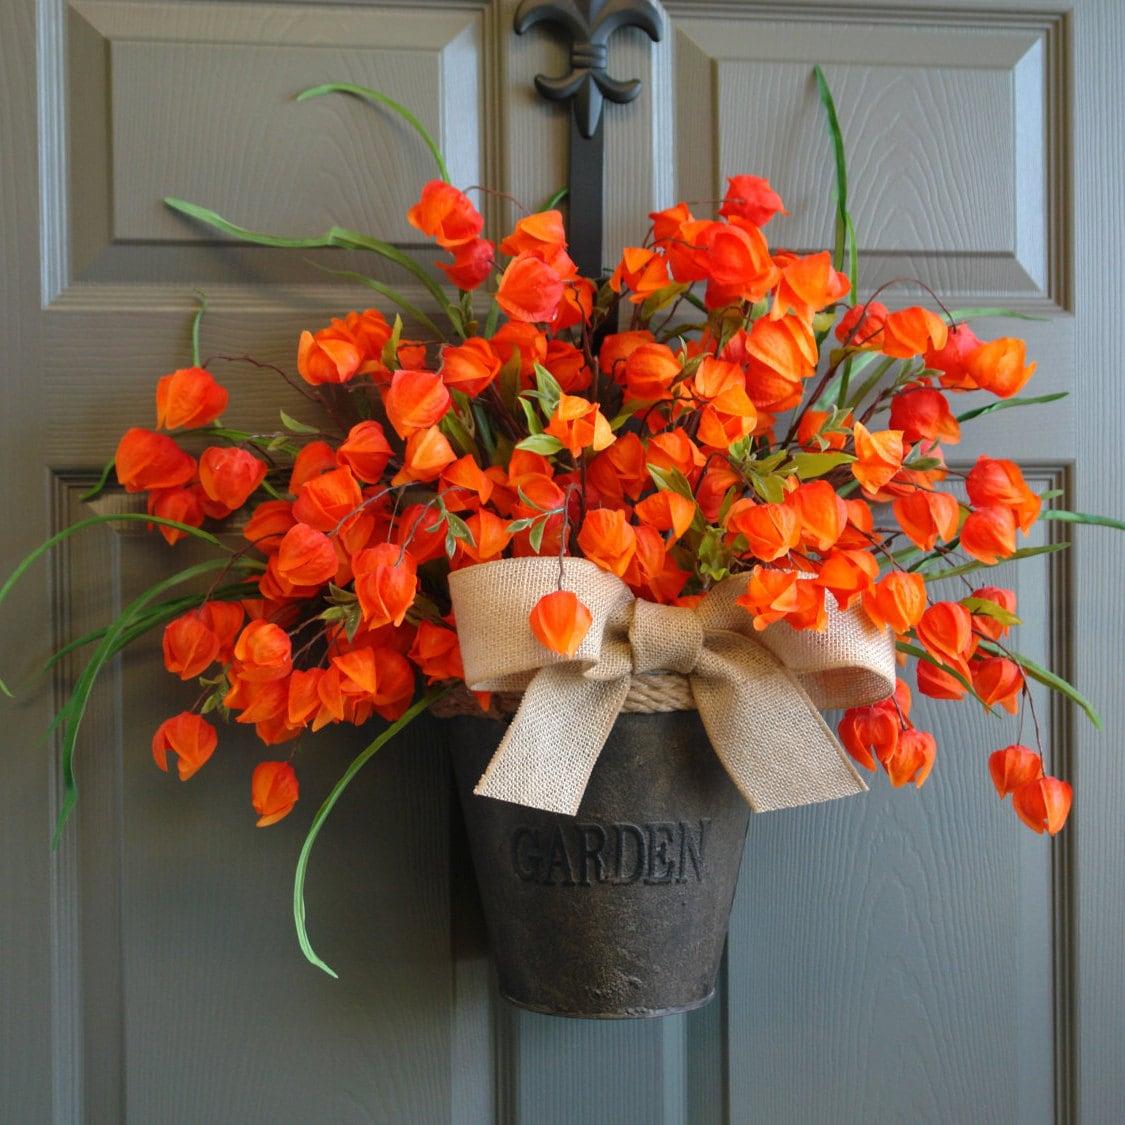 Autumn Door Decorations Orange Door : Fall wreaths front door thanksgiving by aniamelisa